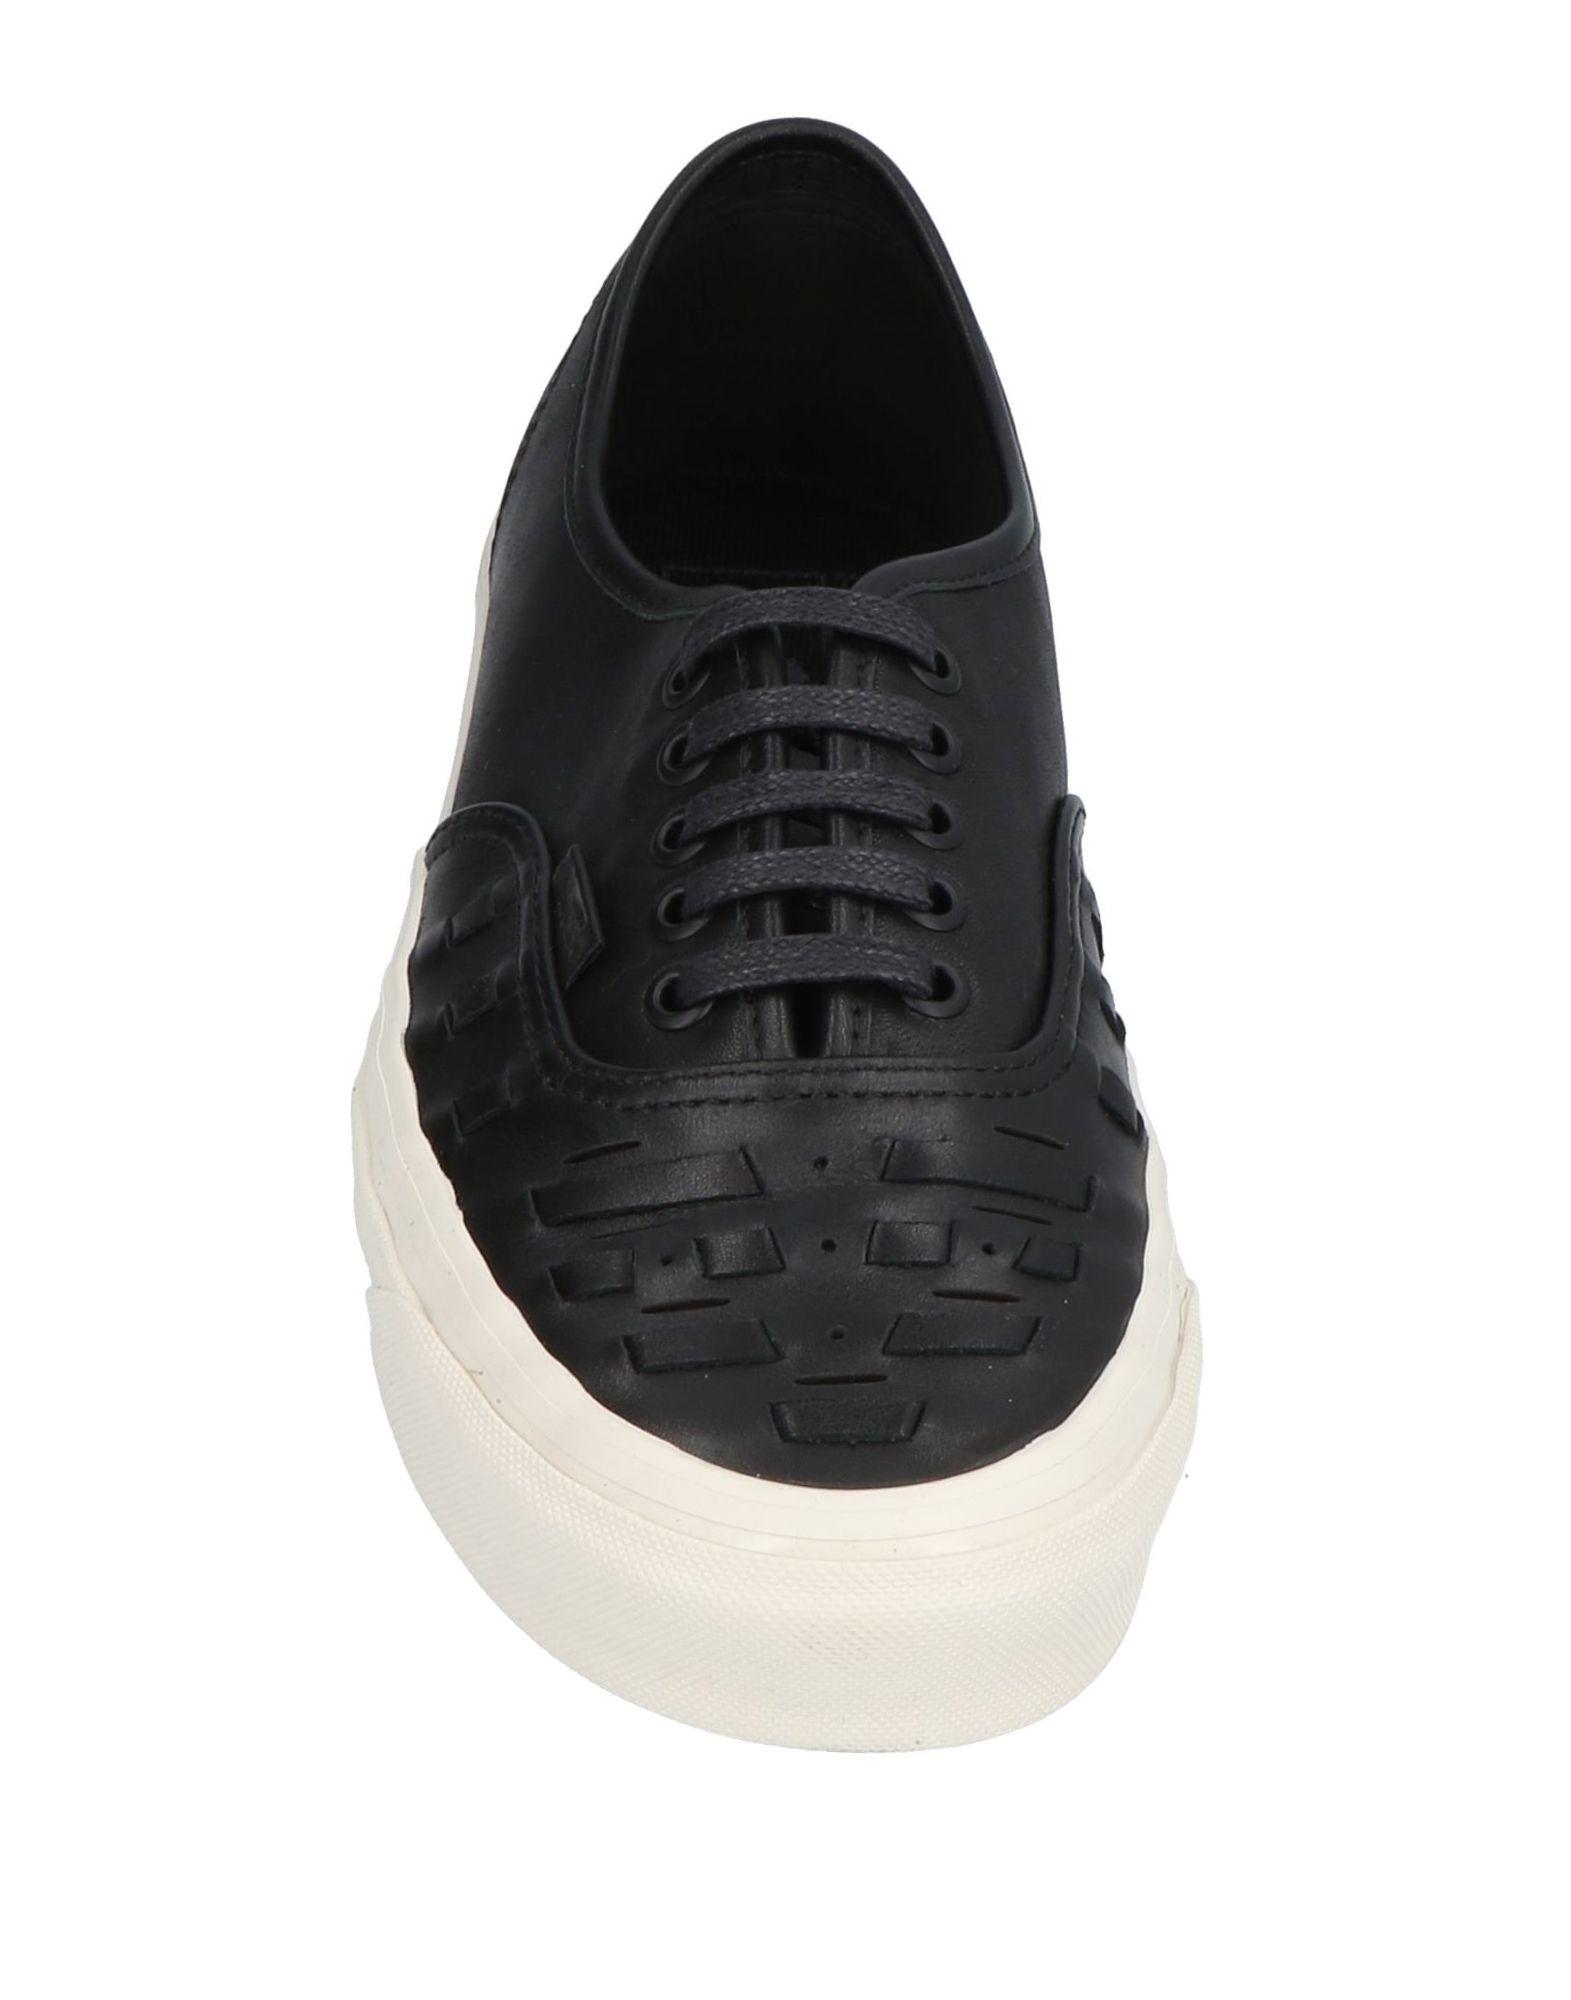 Vans Sneakers Herren  11429435GF Heiße Heiße 11429435GF Schuhe 2270bb